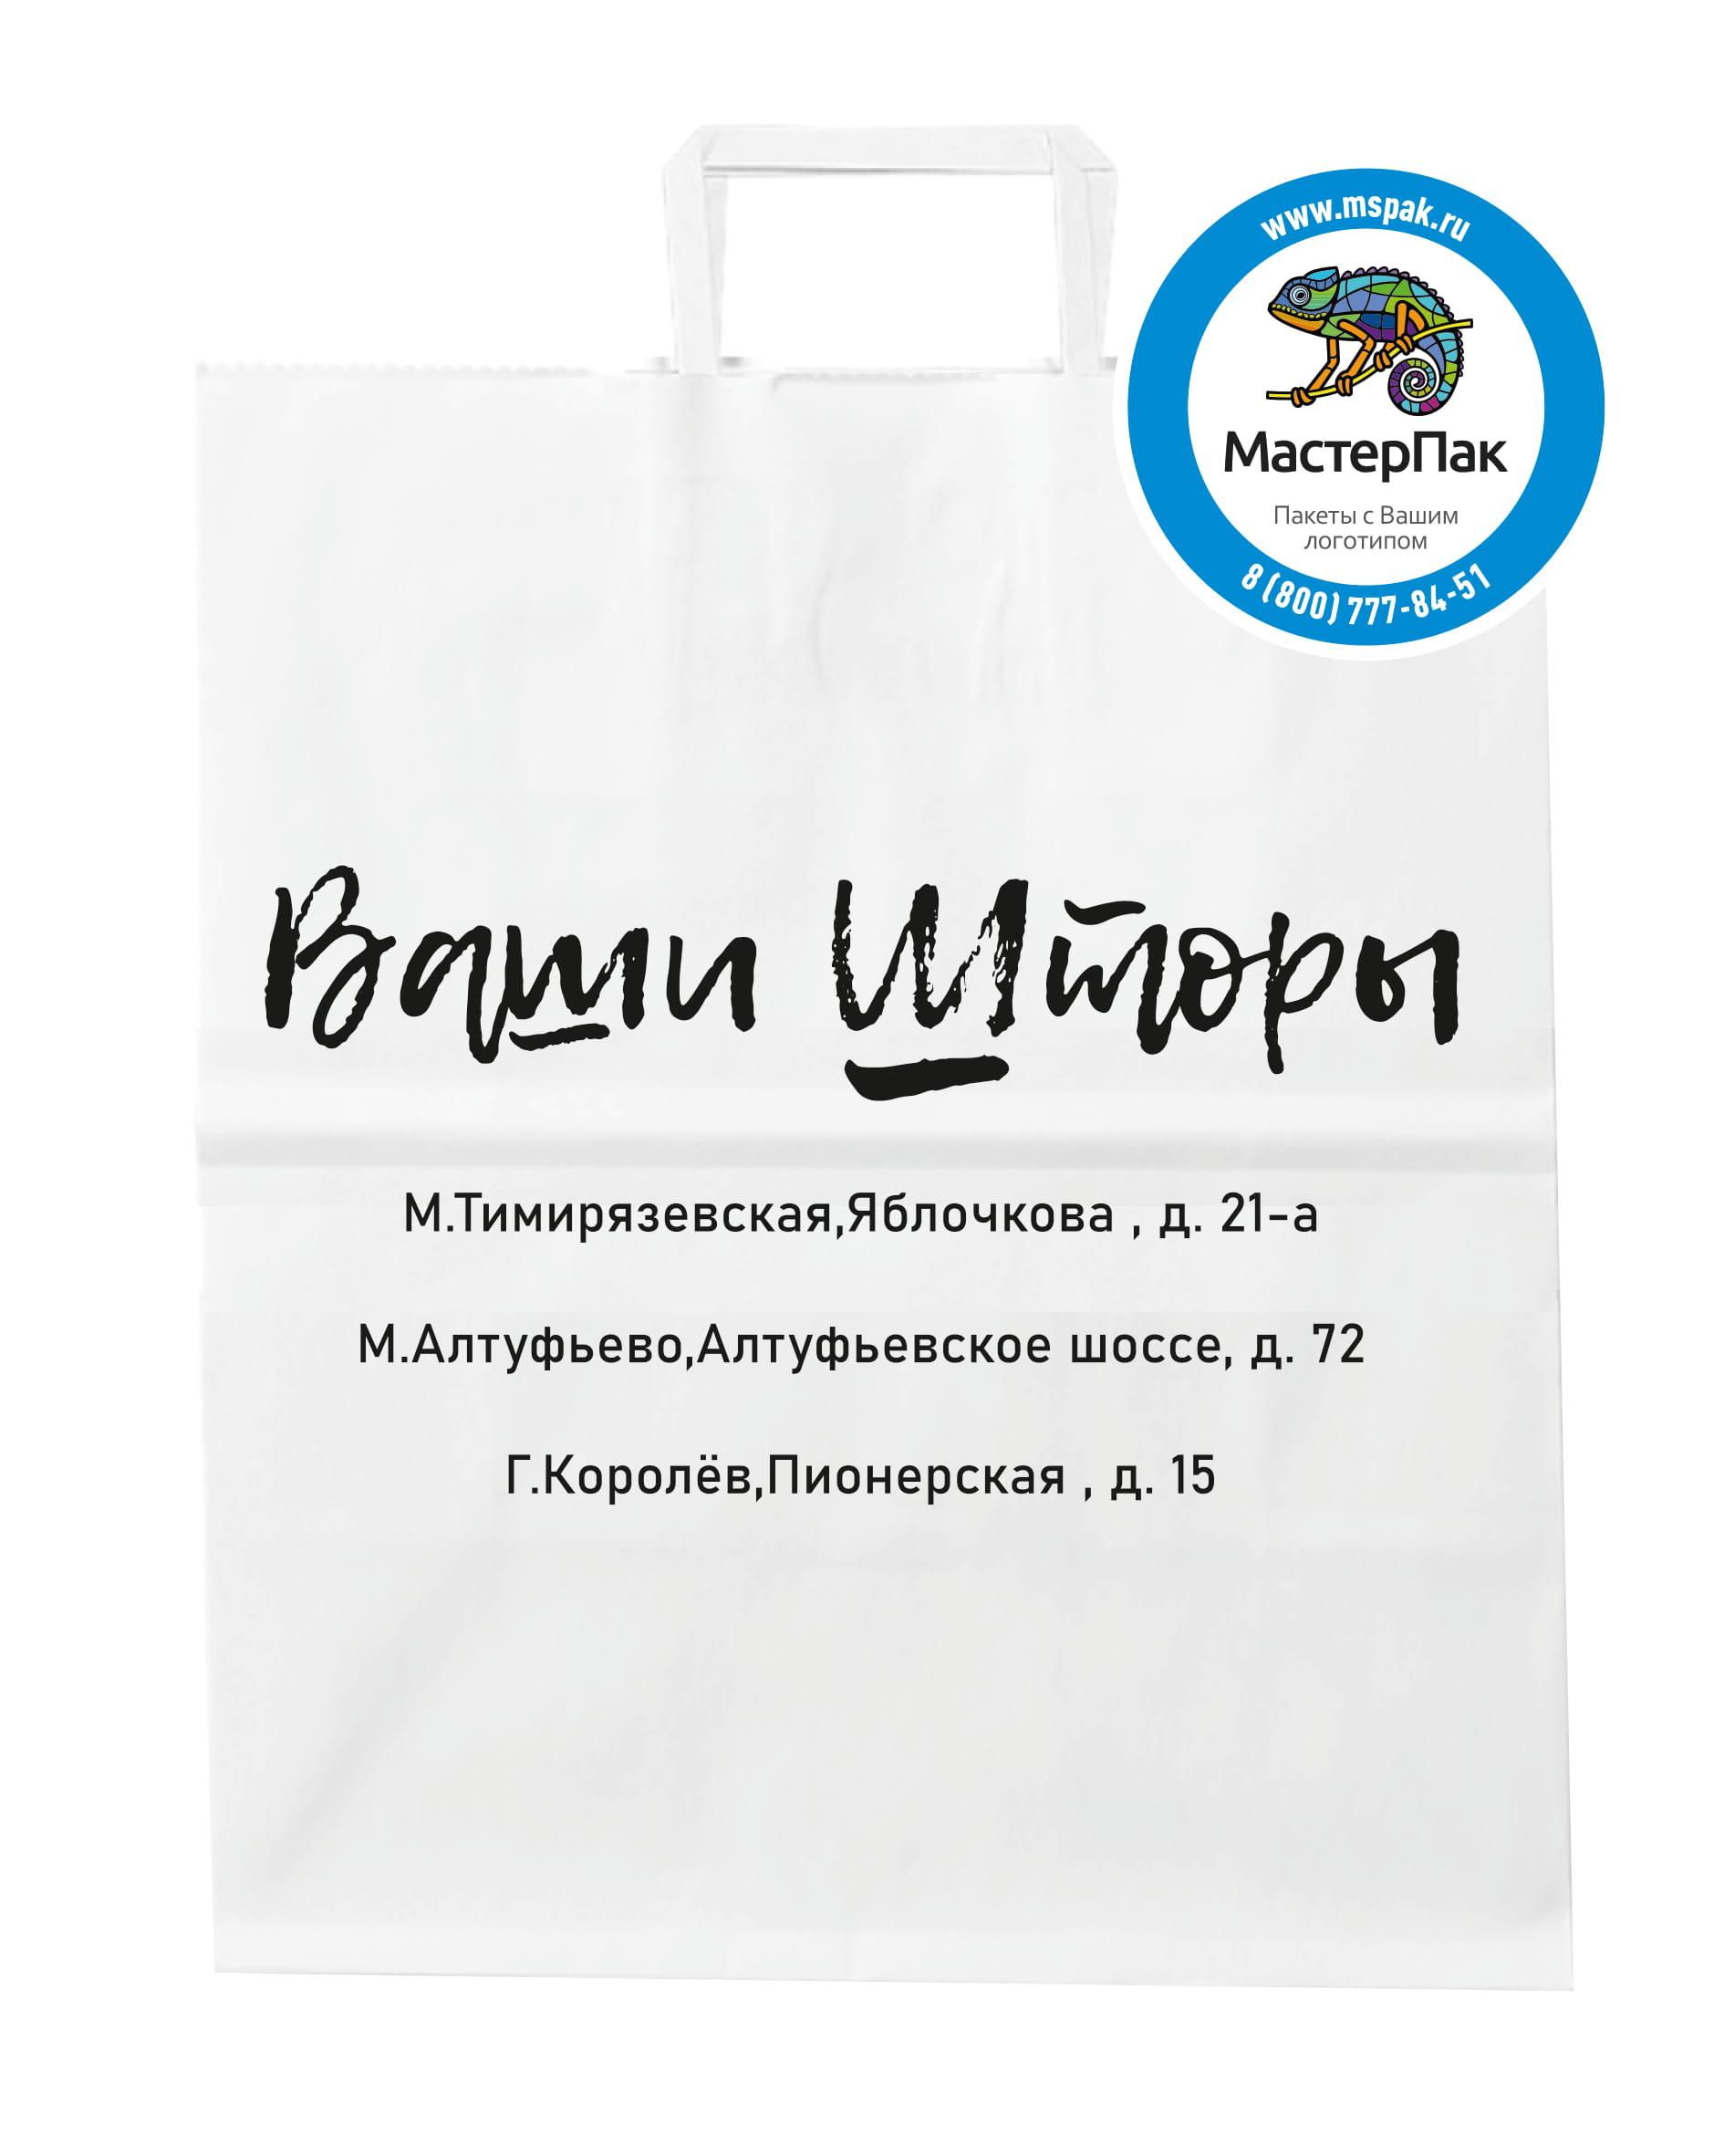 Пакет крафт с плоскими ручками и логотипом Ваши шторы, Москва, 24*14*28